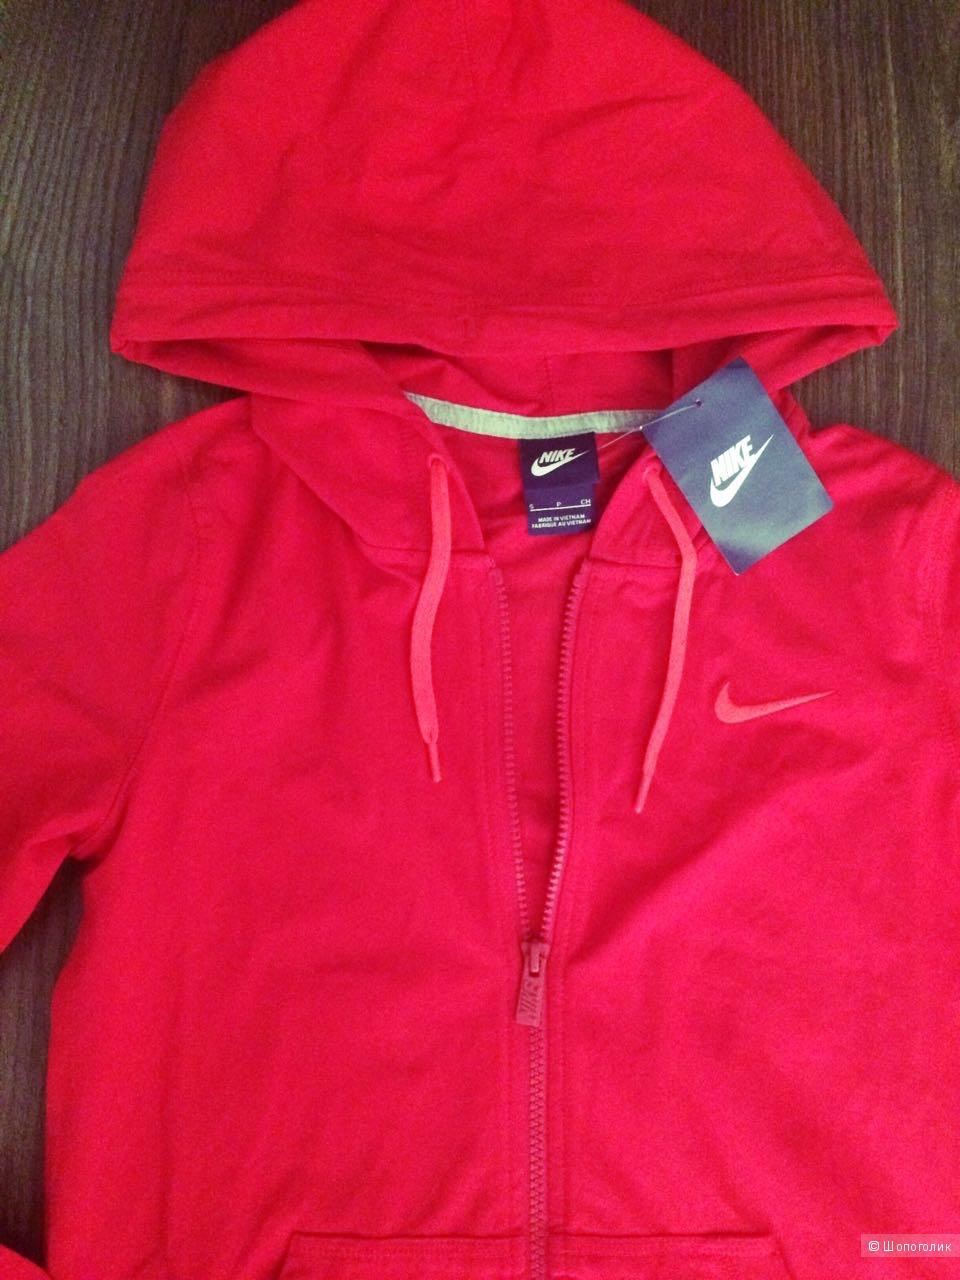 Яркий спортивный костюм Nike, размер S